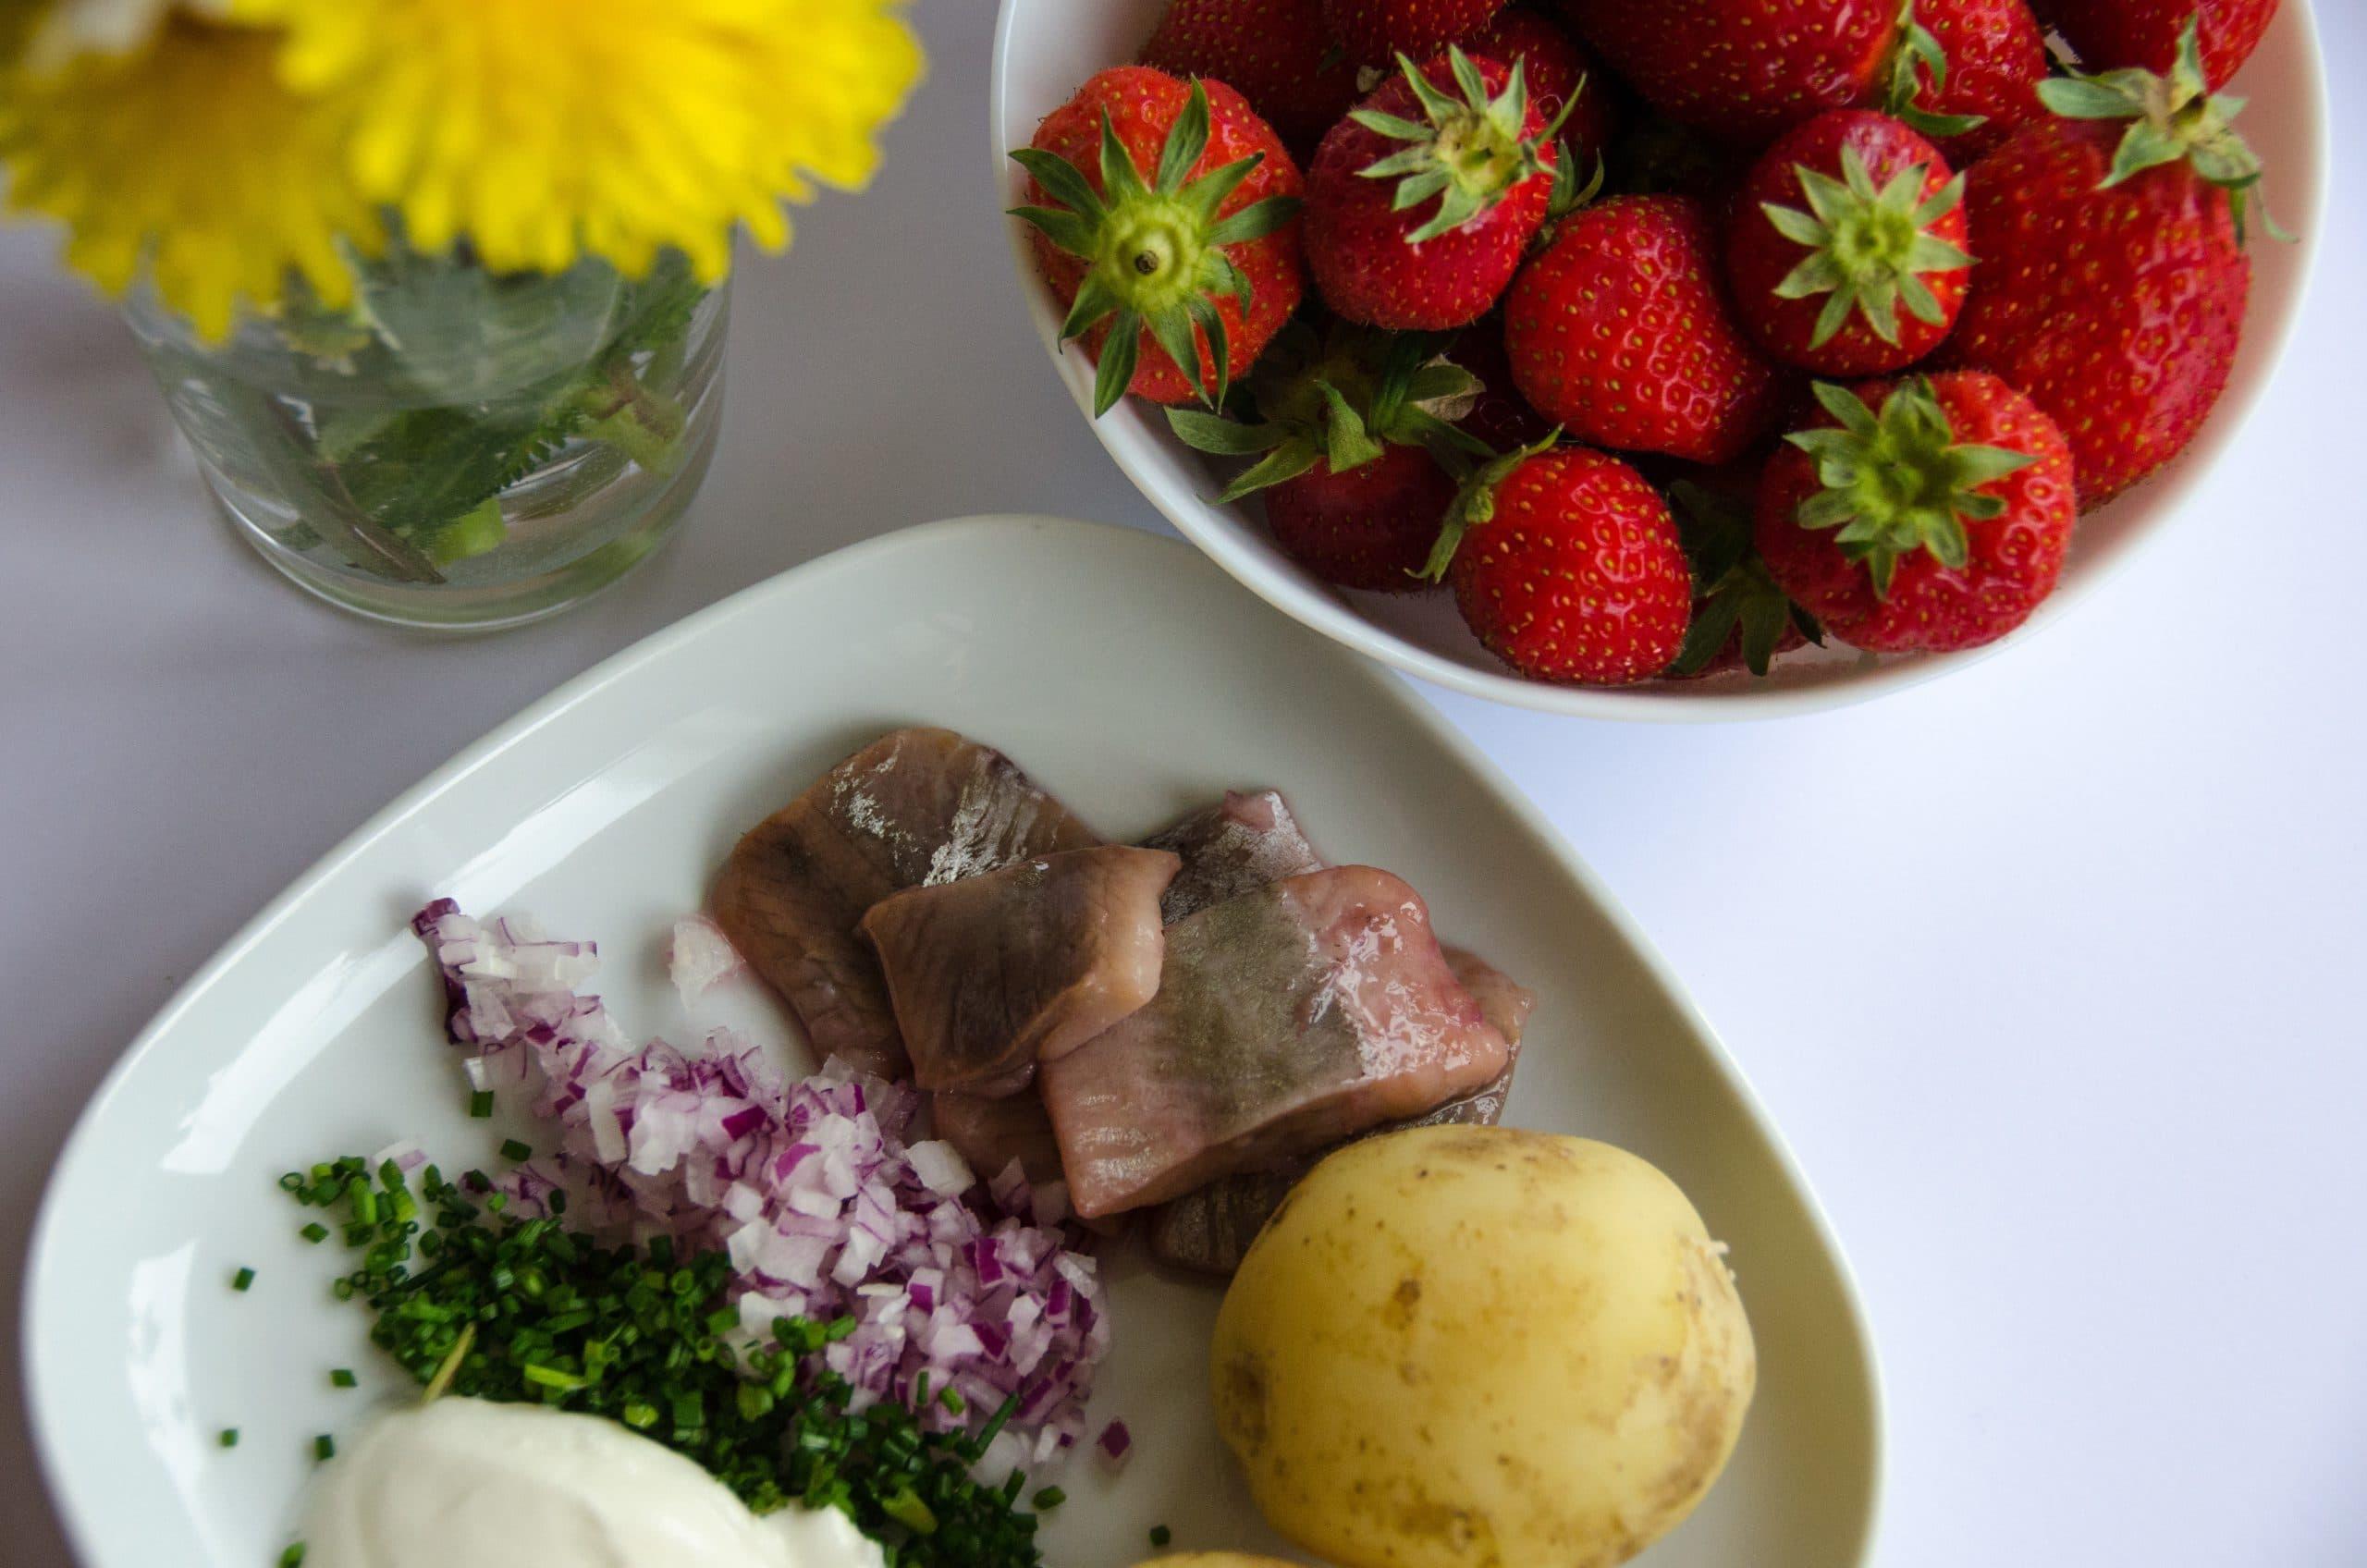 Sill, färskpotatis och jordgubbar. Herring, new potatoes and strawberries.